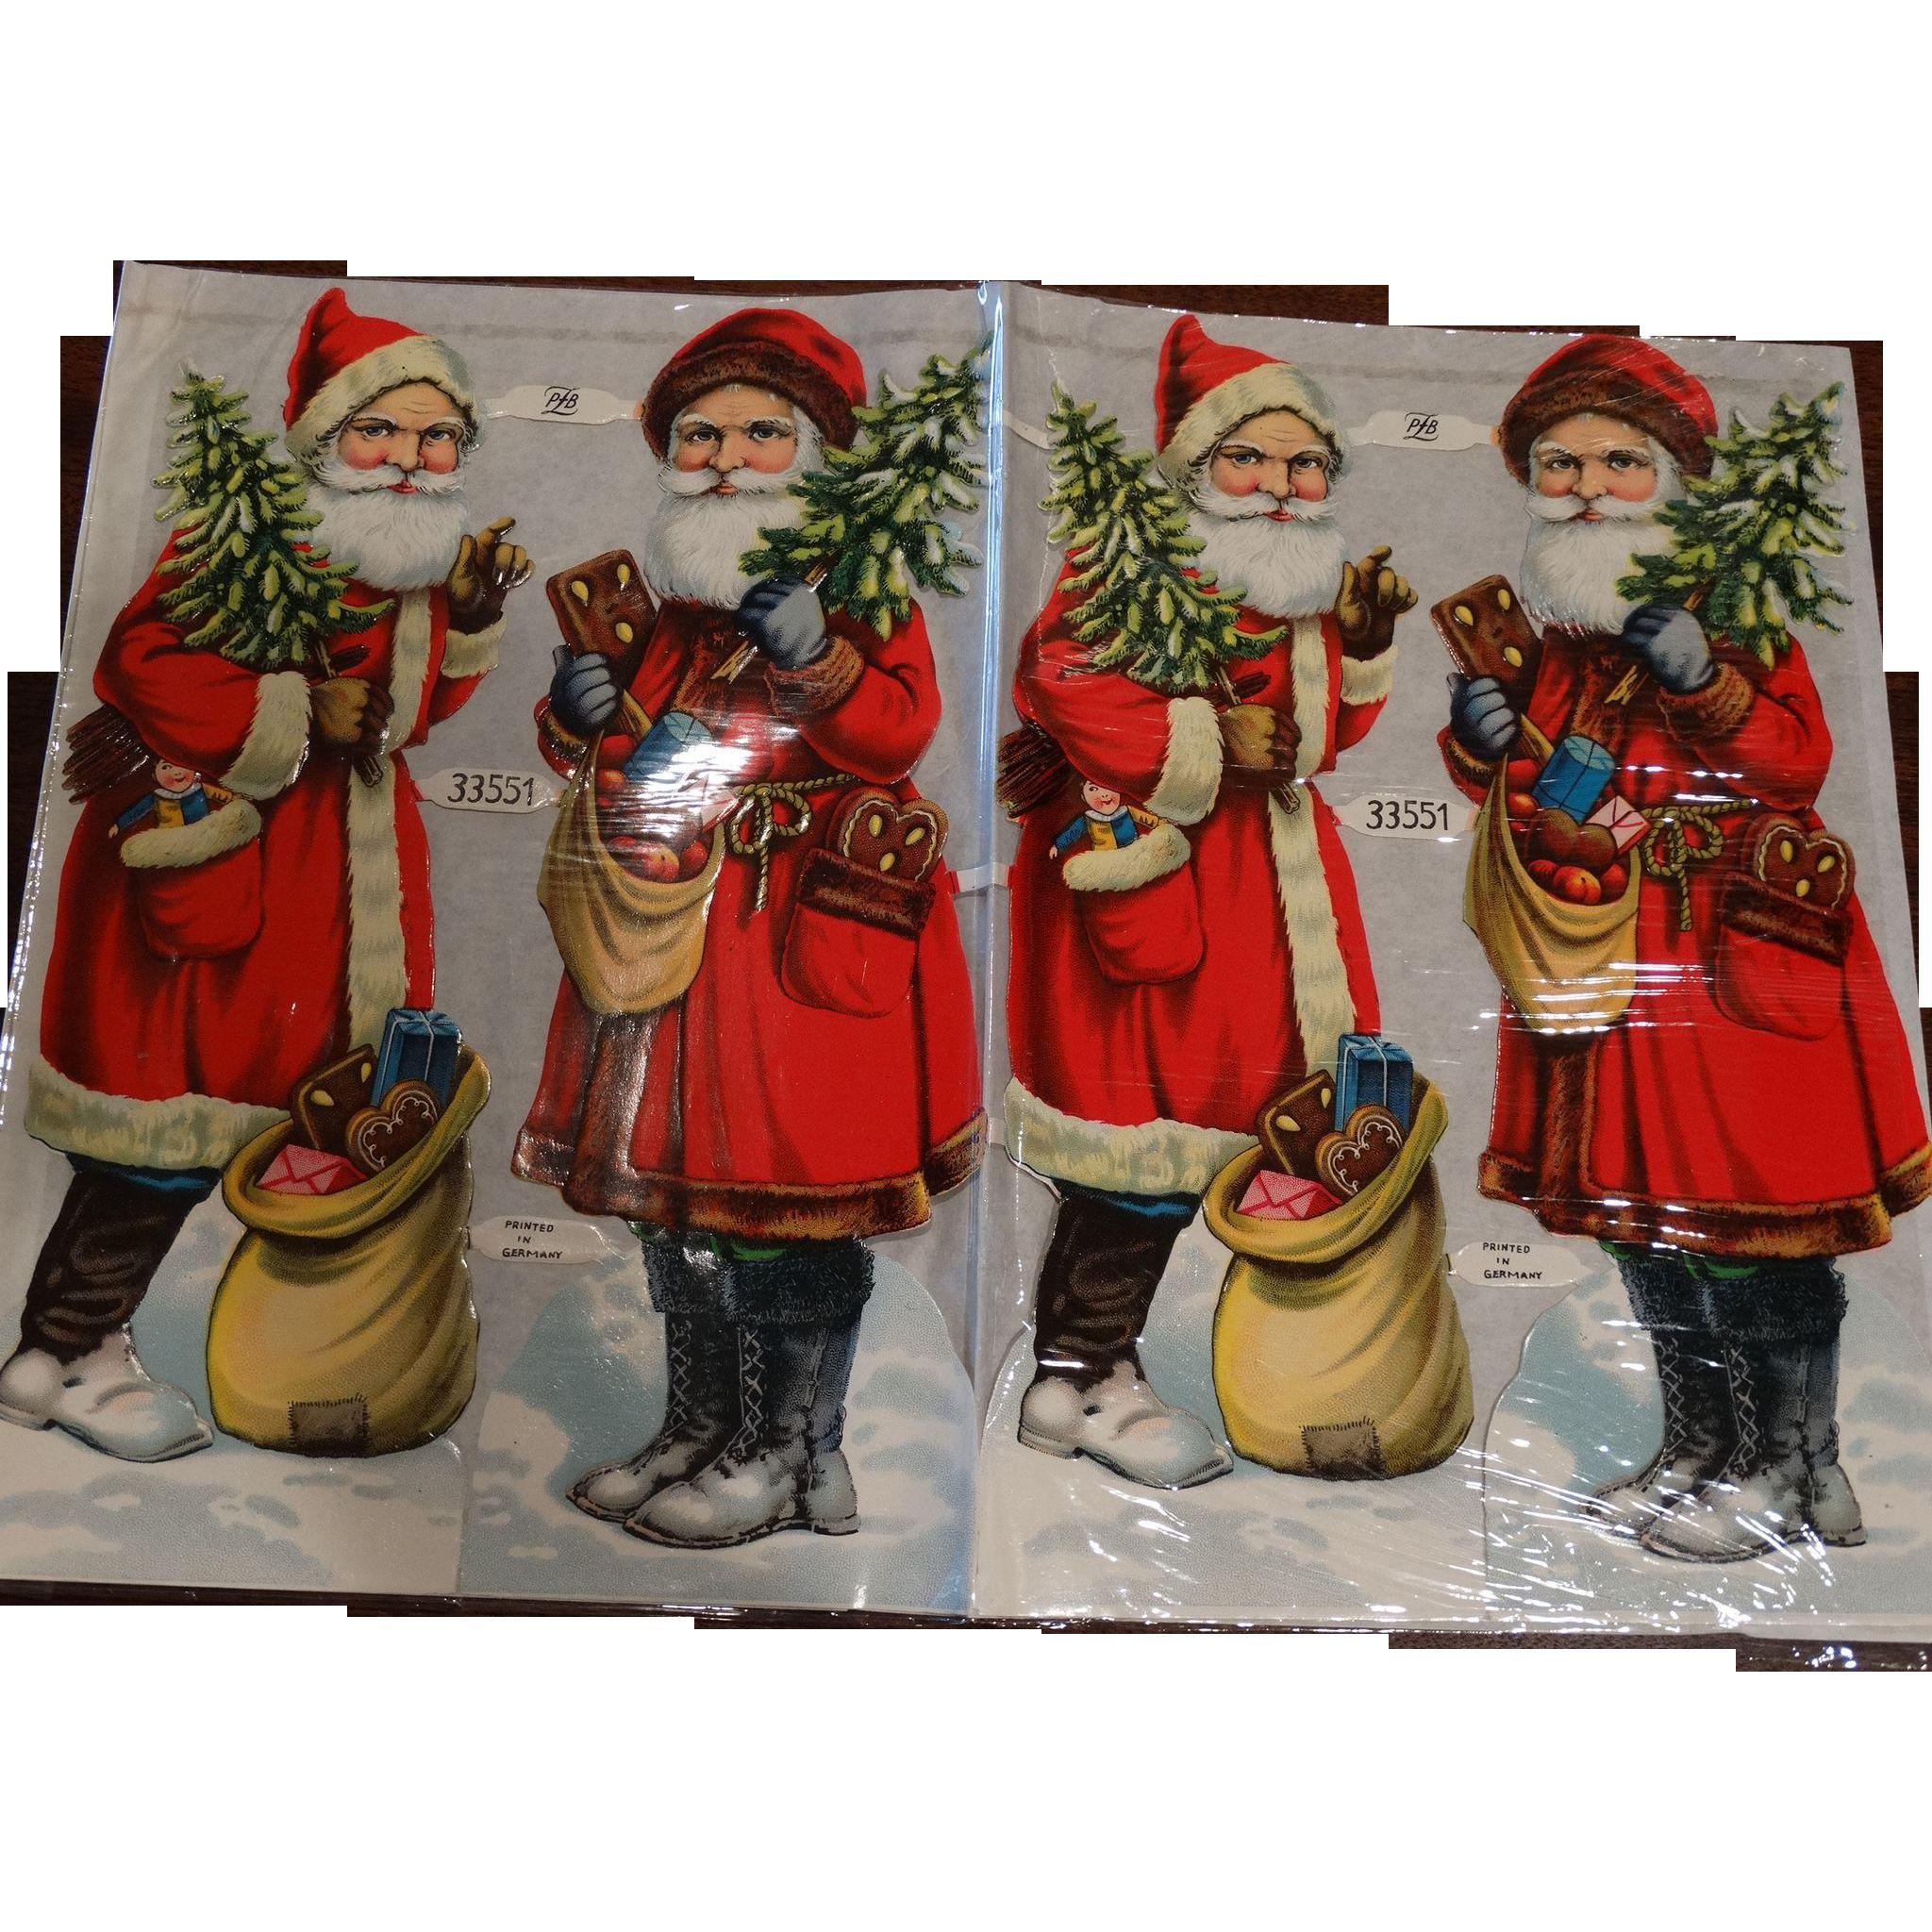 4 Early 20th Century Christmas Santa Die Cuts Unused PLB Germany